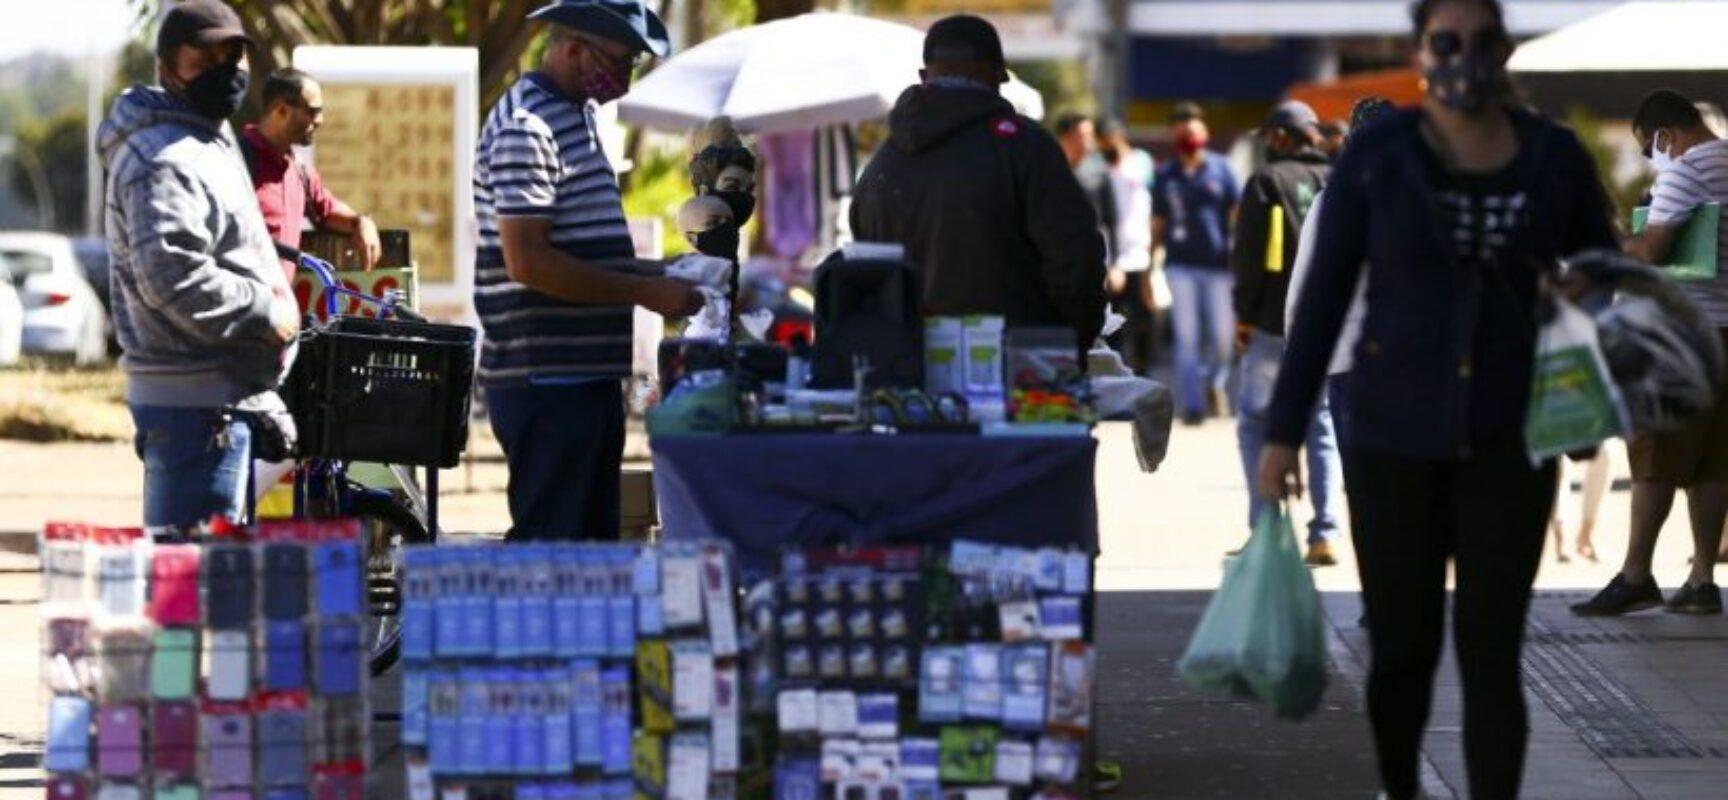 Inflação fica em 0,83% em maio, maior alta para o mês em 25 anos